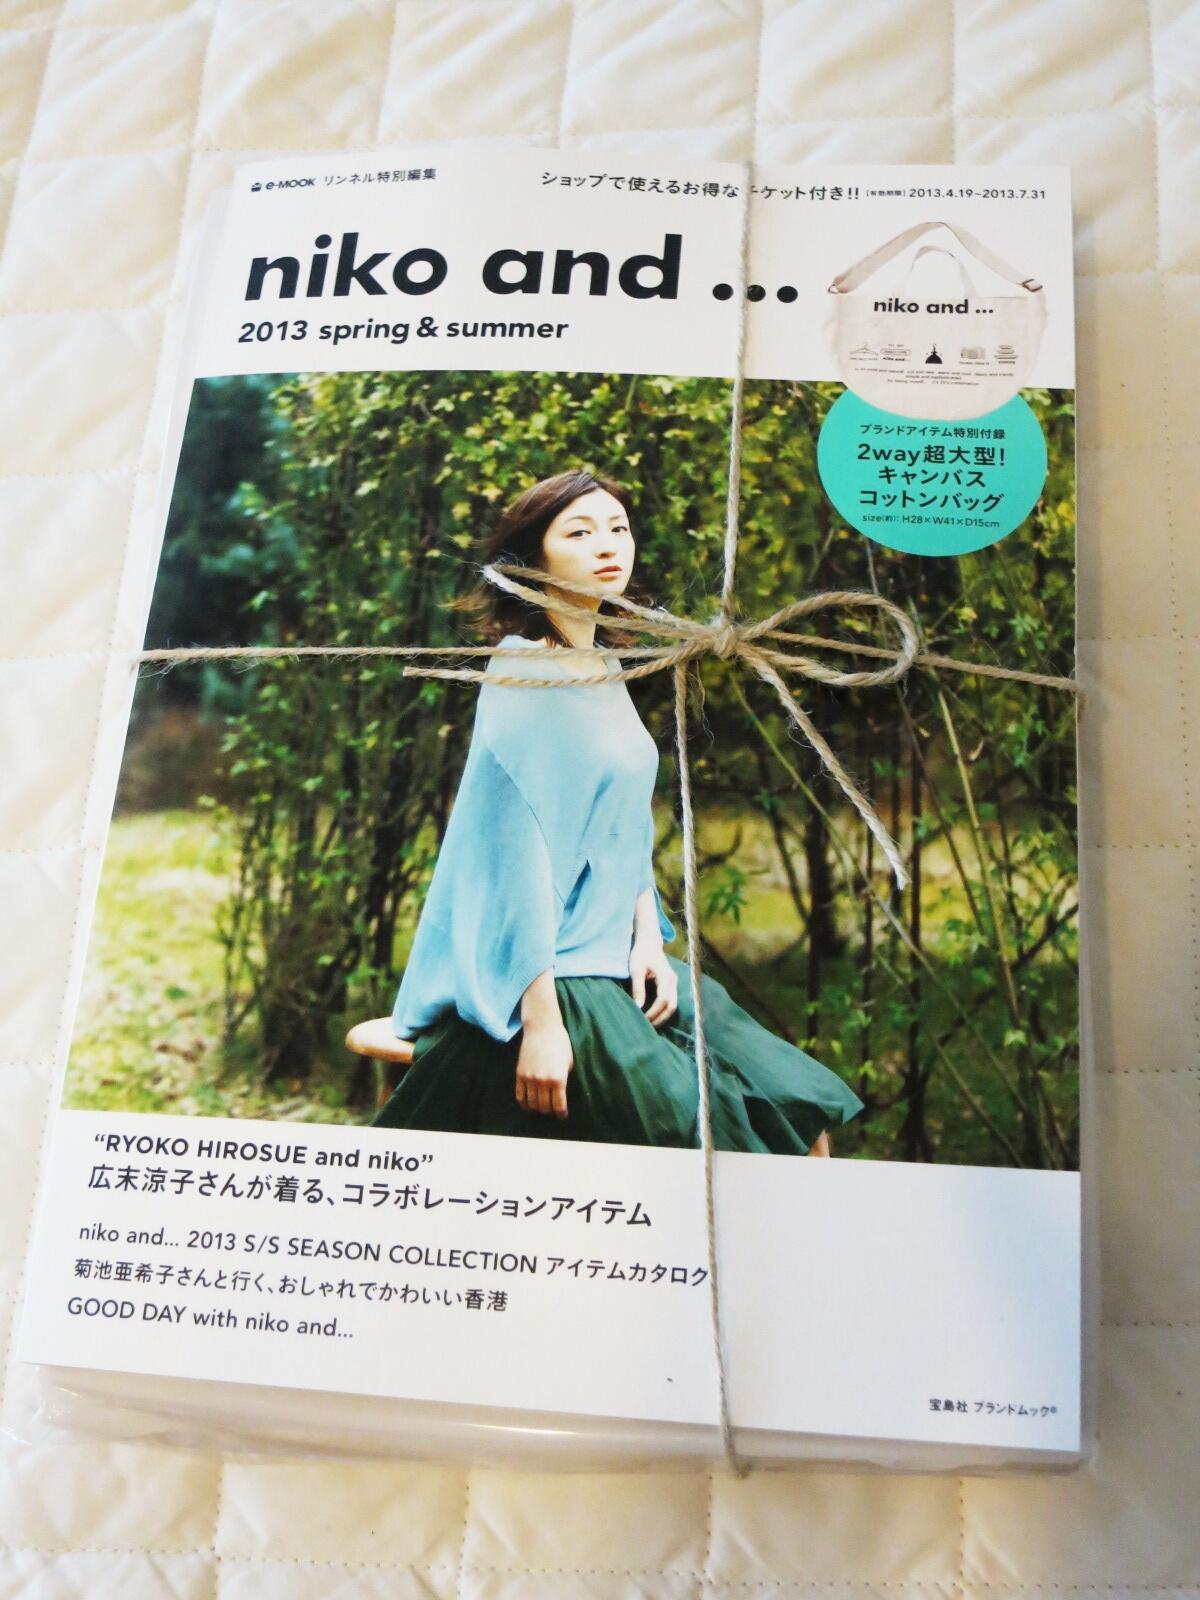 下山ちう♪ niko and…ムック本_f0236260_11202036.jpg